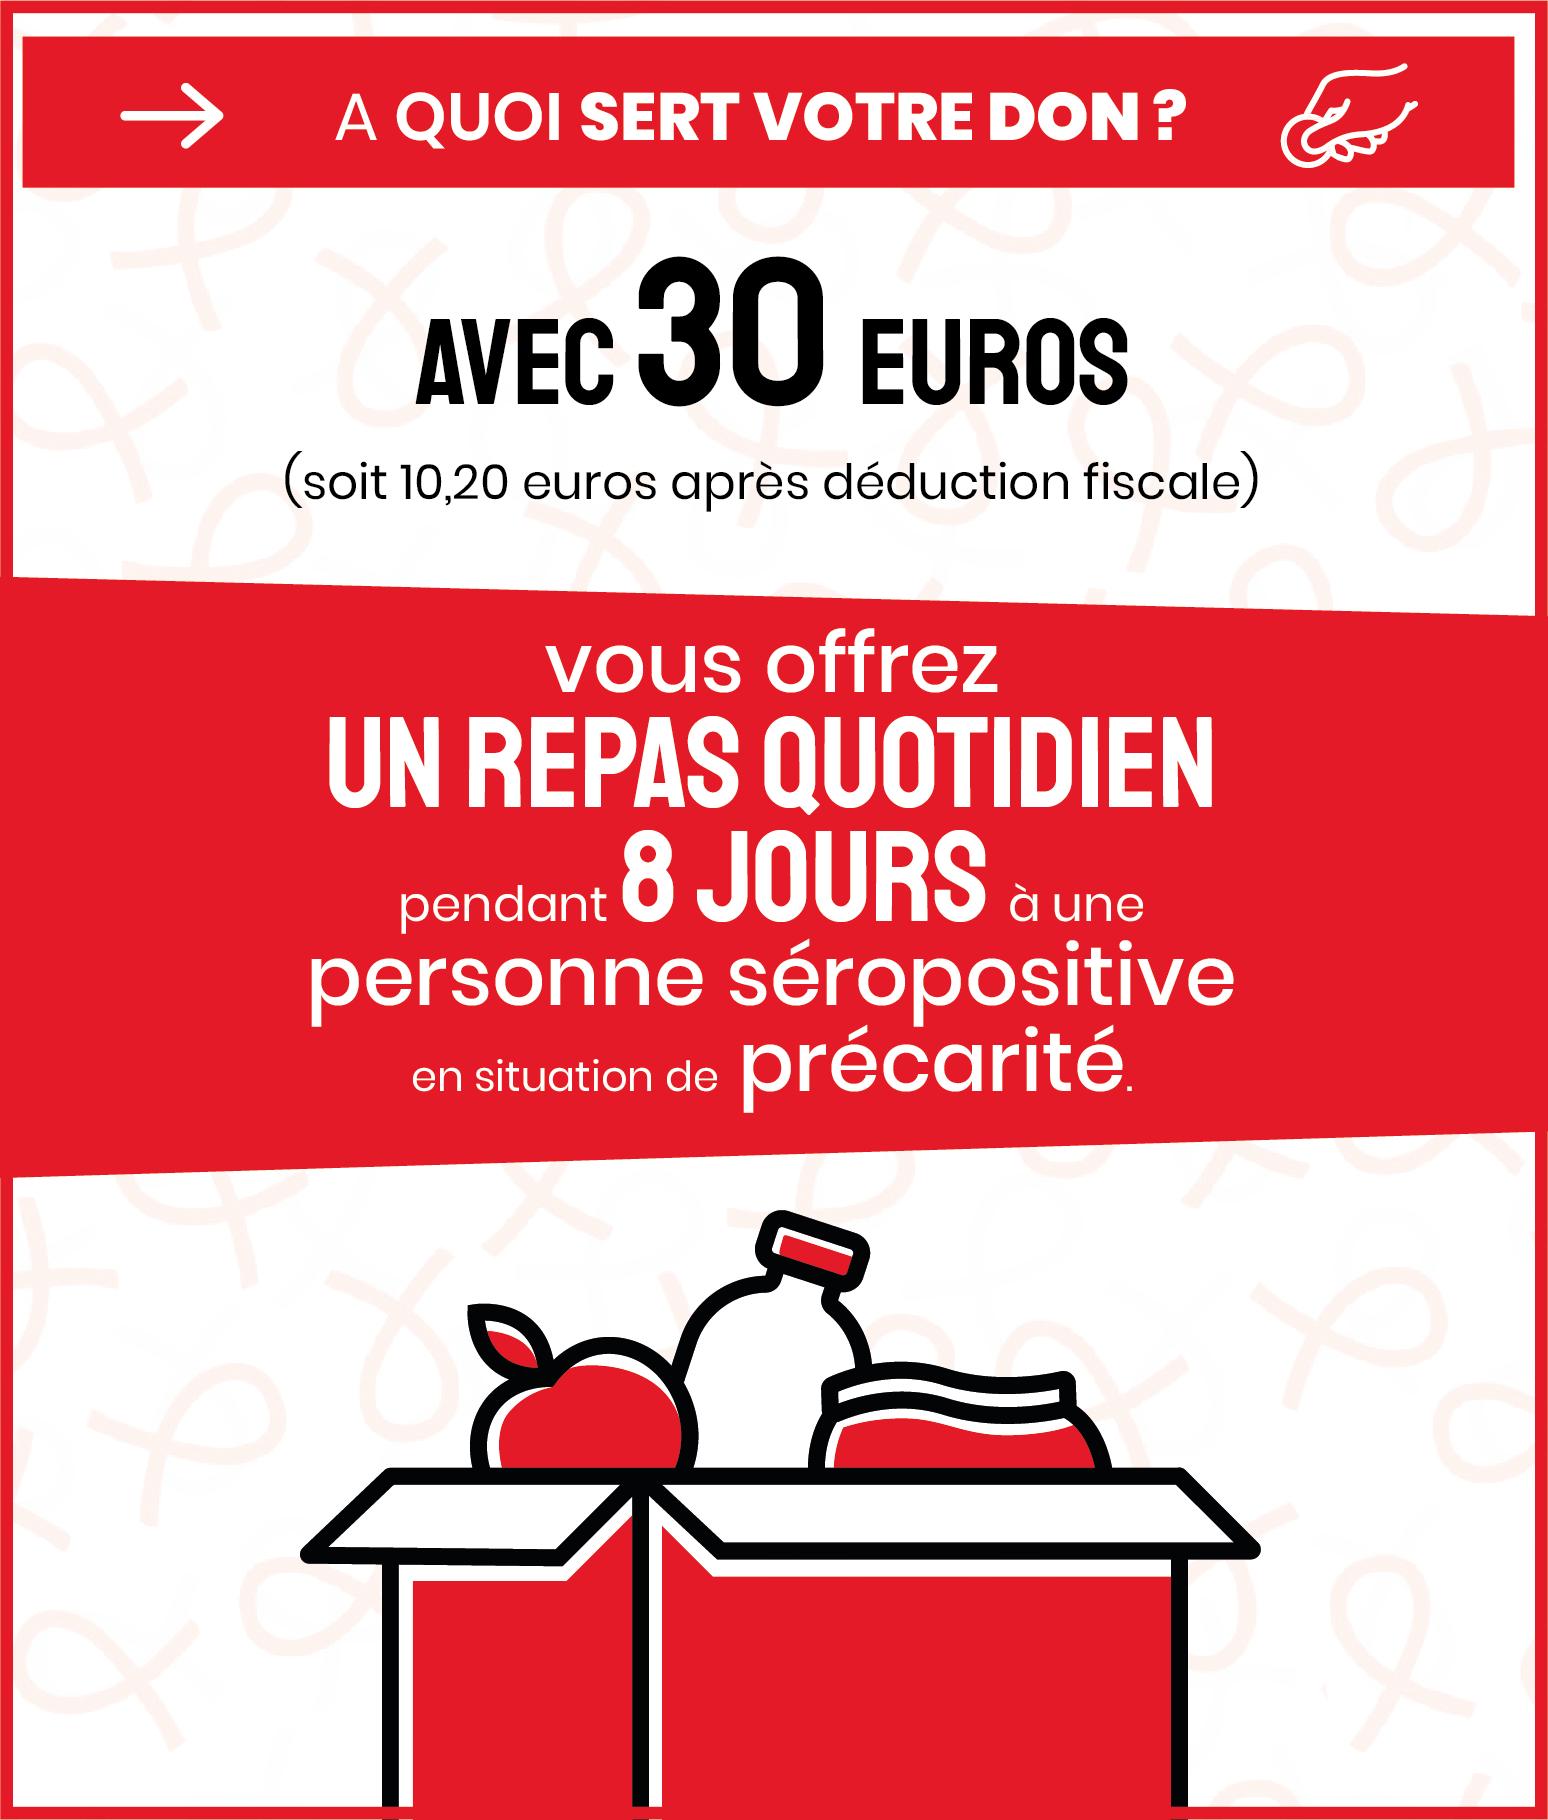 A quoi sert votre don ? Avec 30€, vous offrez un repas quotidien pendant 8 jours à une personne séropositive